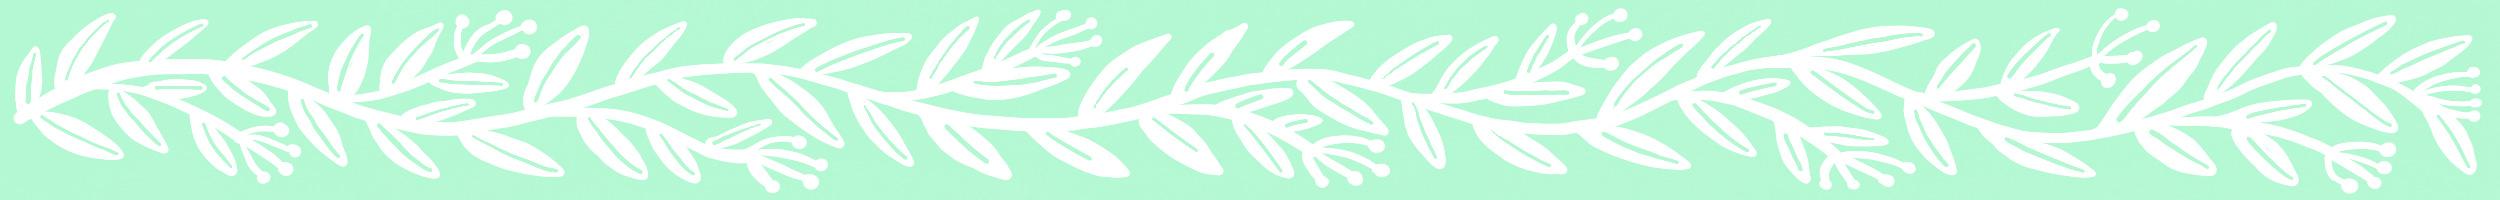 blog-post-banner.jpg